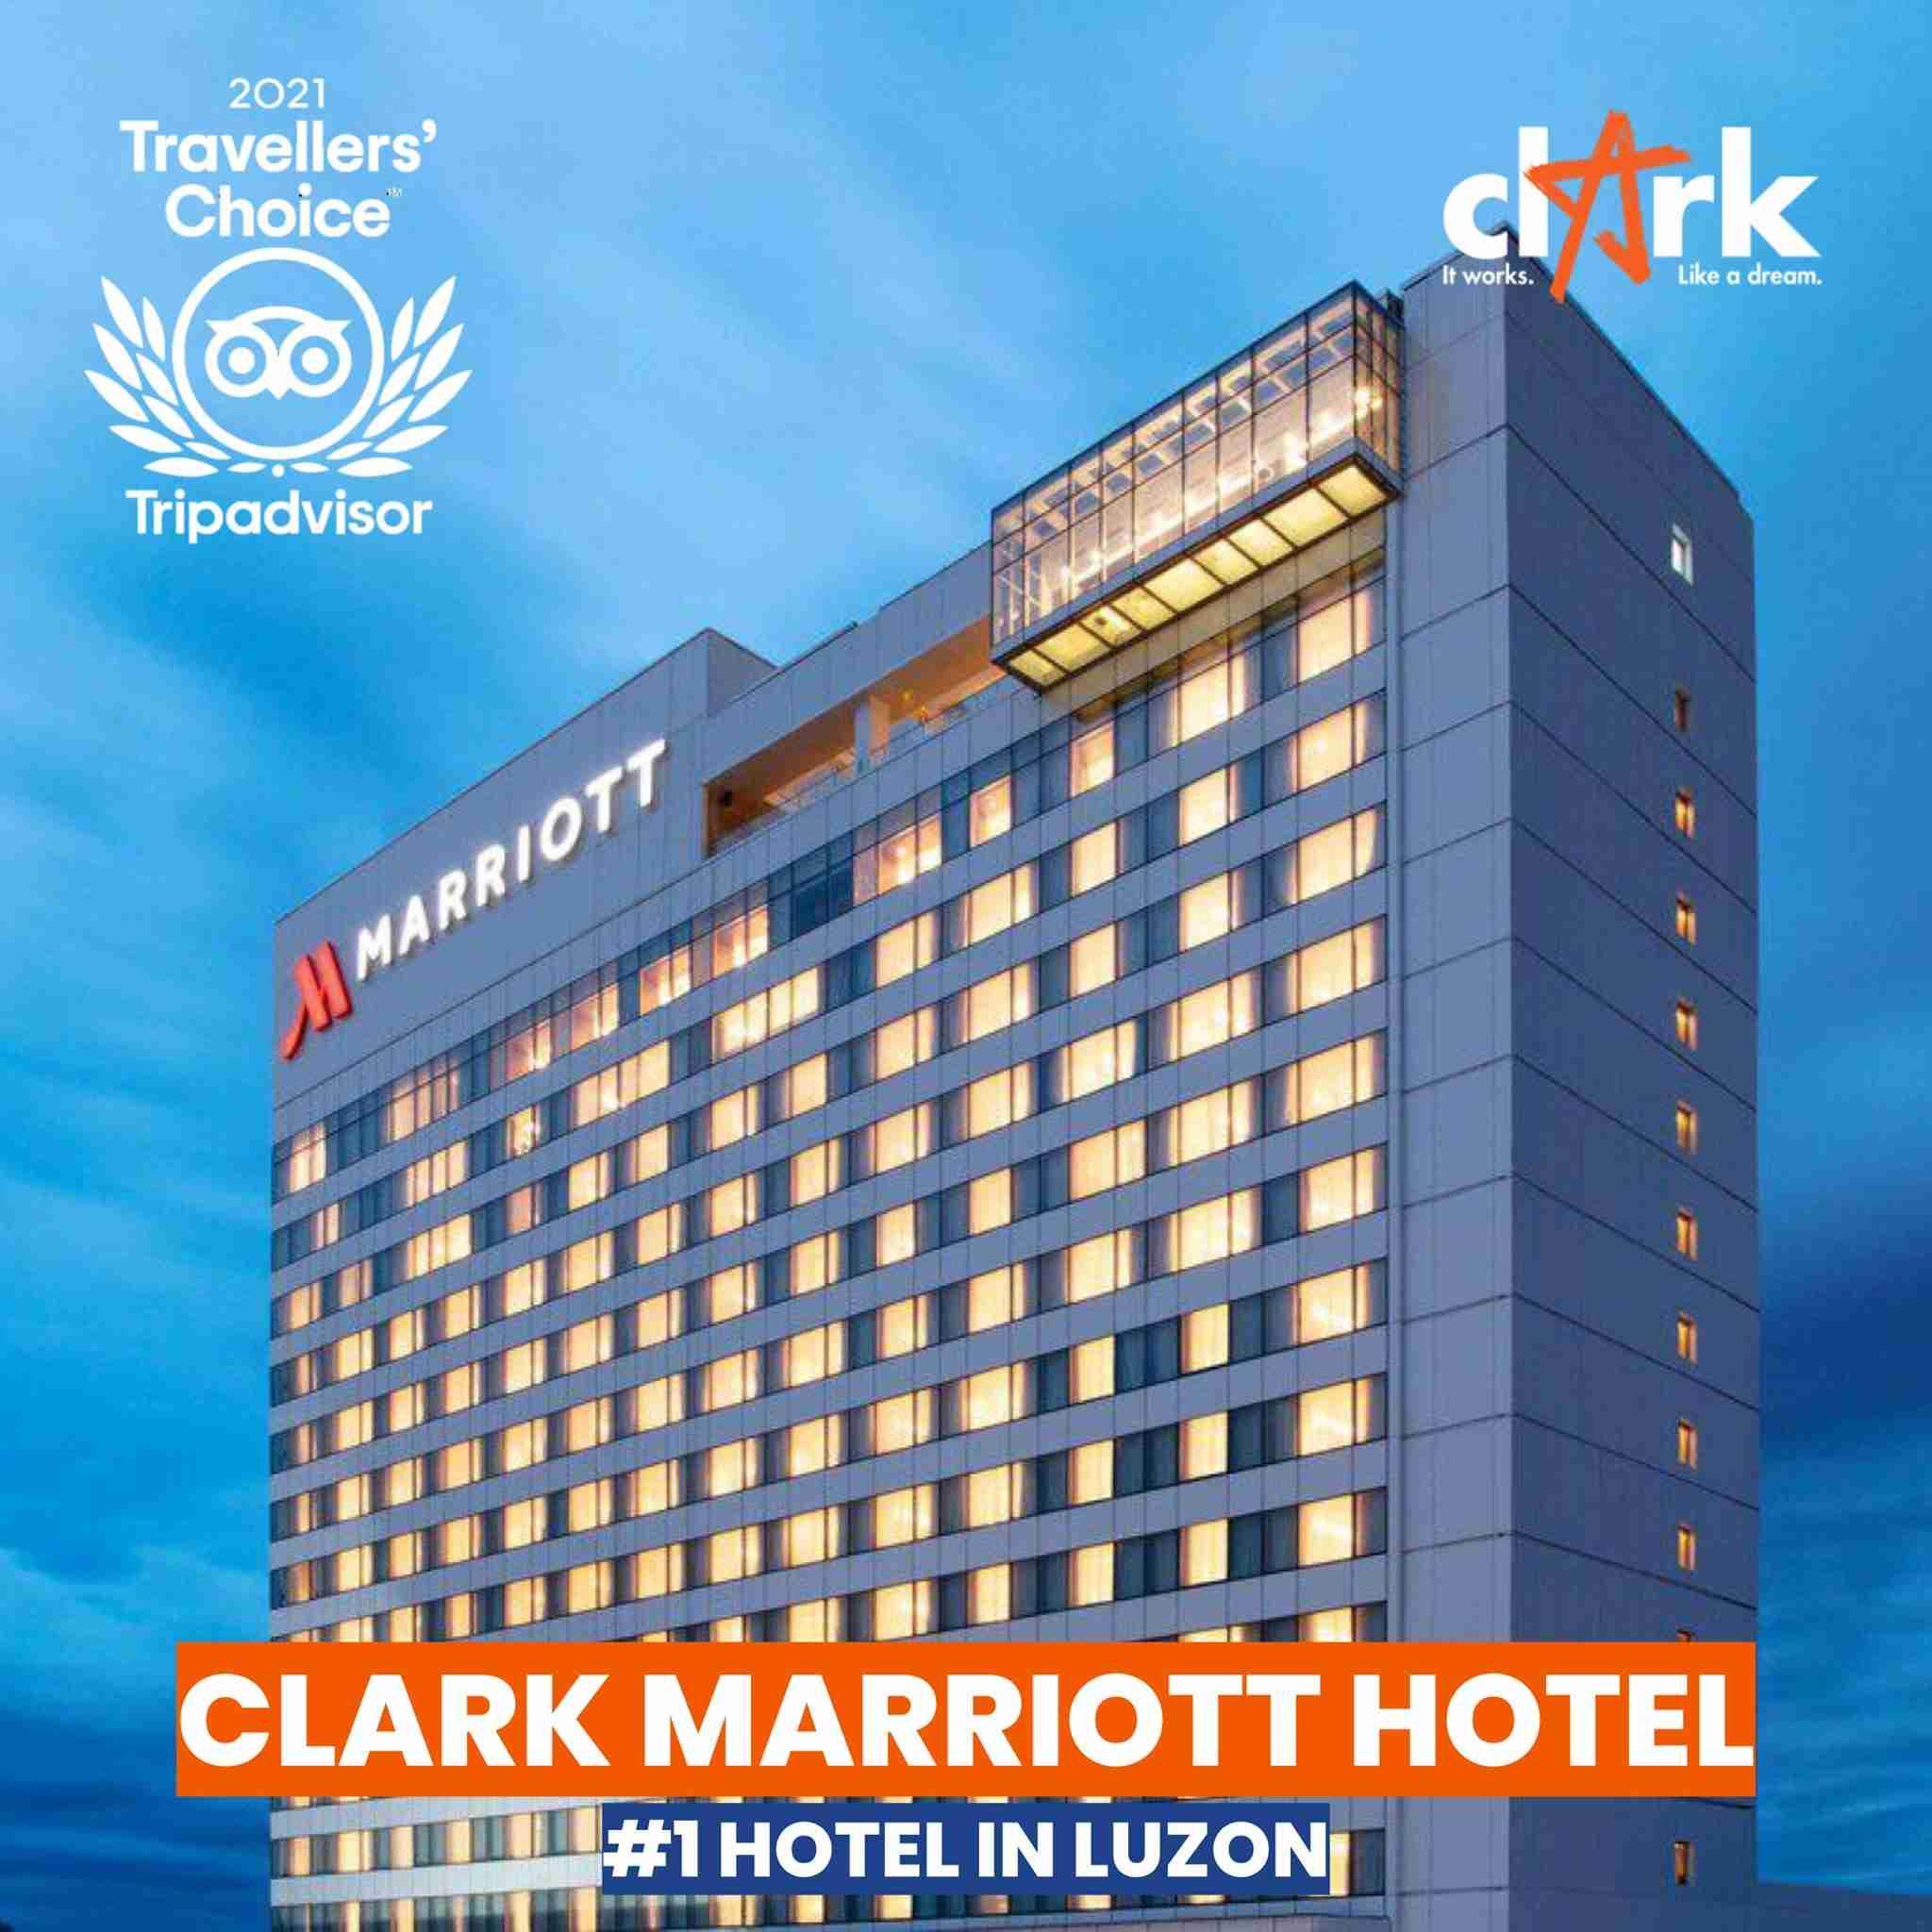 marriott hotel clark